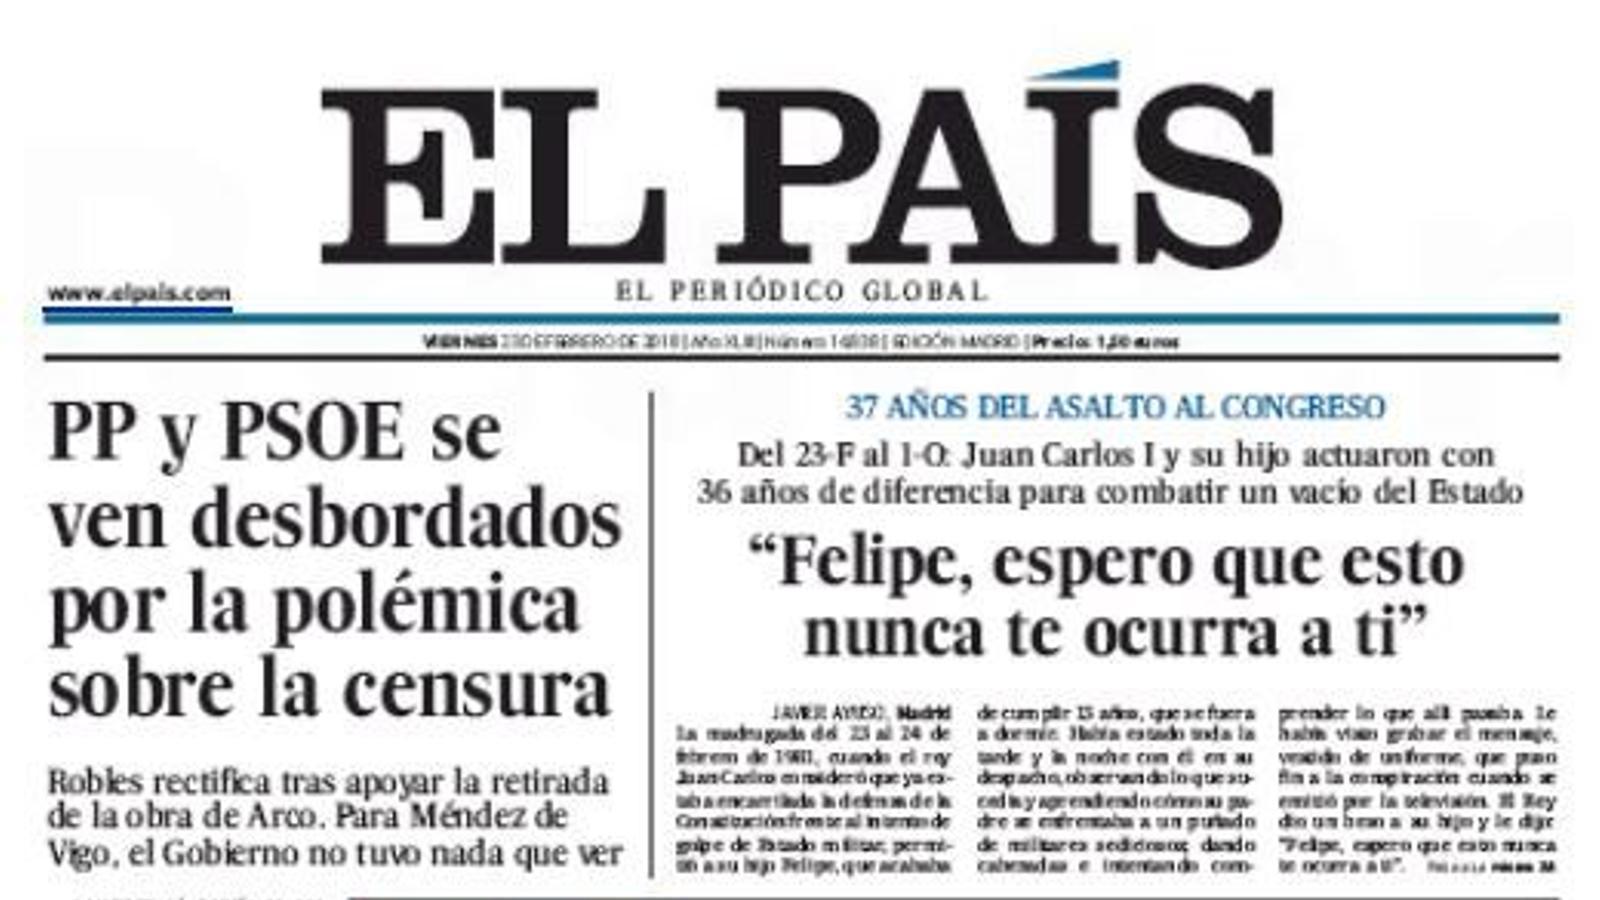 Portada d'El País, 23 de febrer del 2018